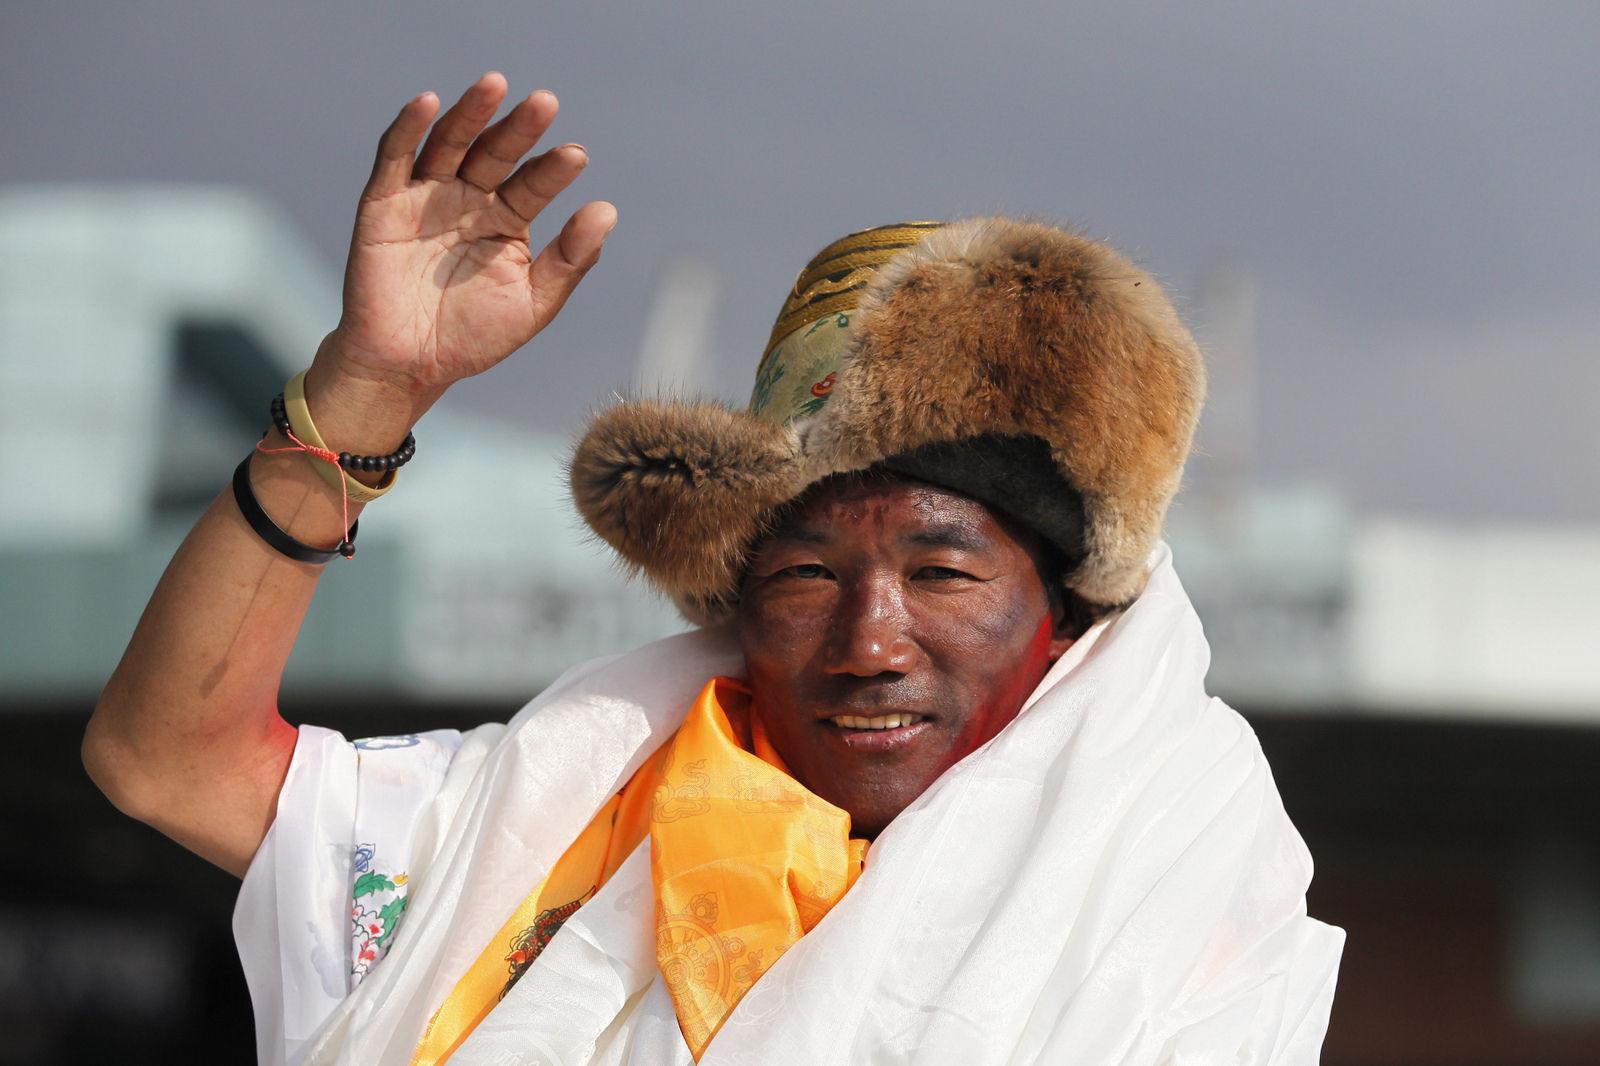 Балбын уулчин 24 удаа Эверестийн оргилд гарч, дээд амжилт тогтоолоо